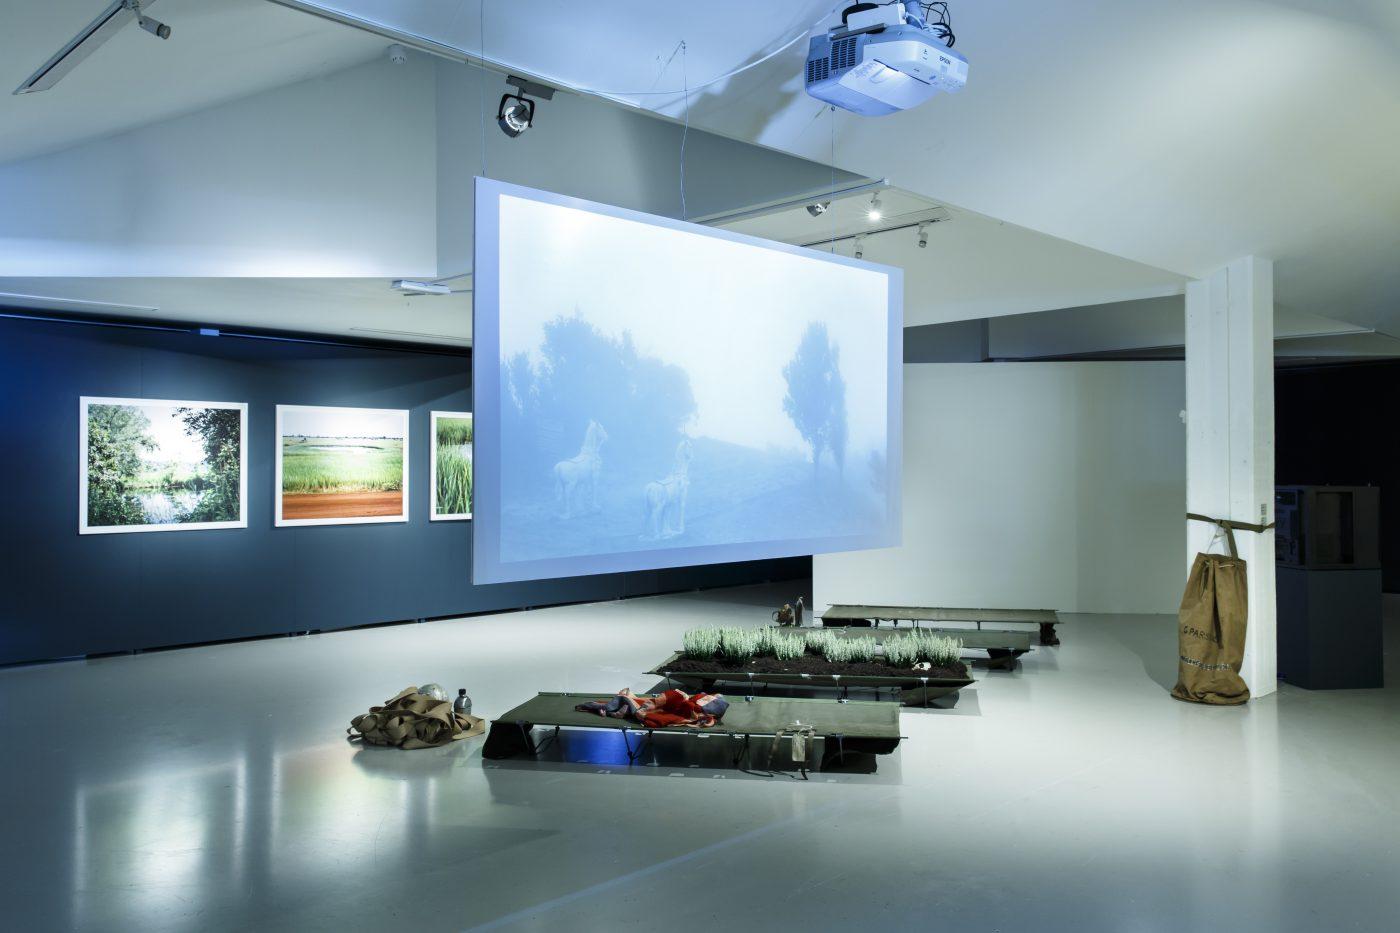 Installatiefoto van de tentoonstelling <em>UnAuthorised Medium</em> bij Framer Framed. Foto (c) Framer Framed / Eva Broekema